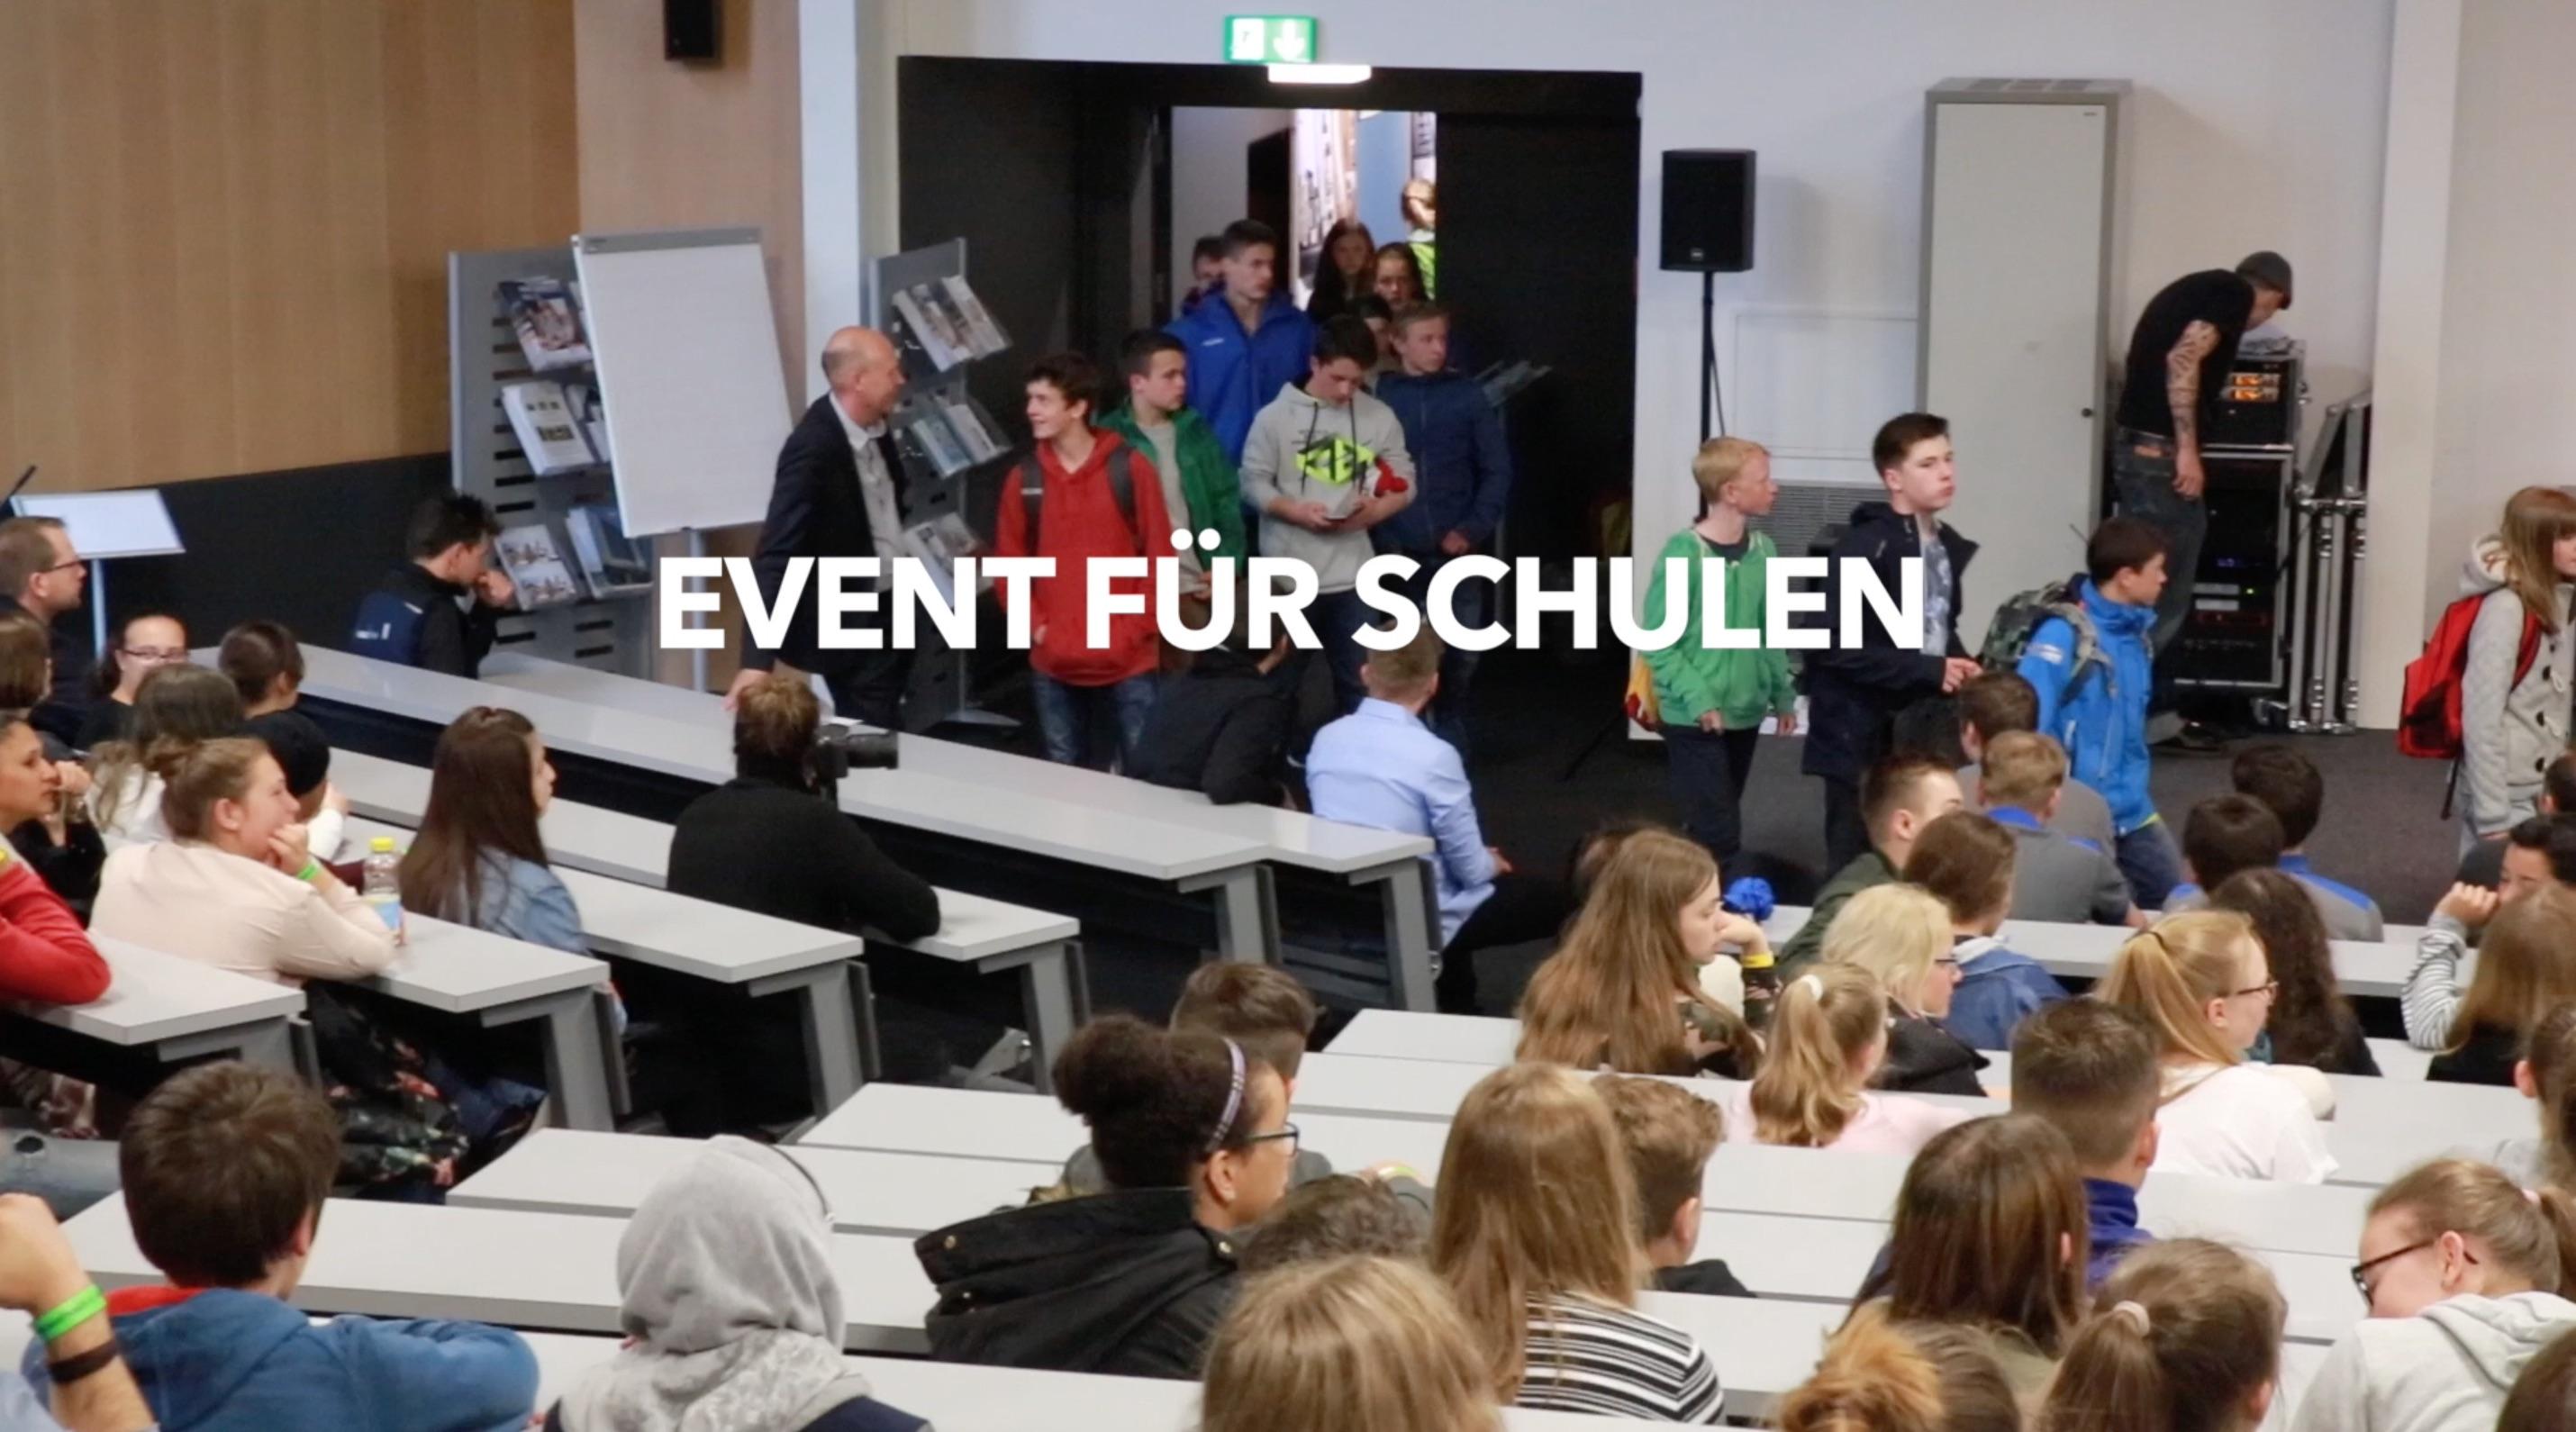 http://industrienacht.ch/wp-content/uploads/2017/06/Event-für-Schulen.jpg